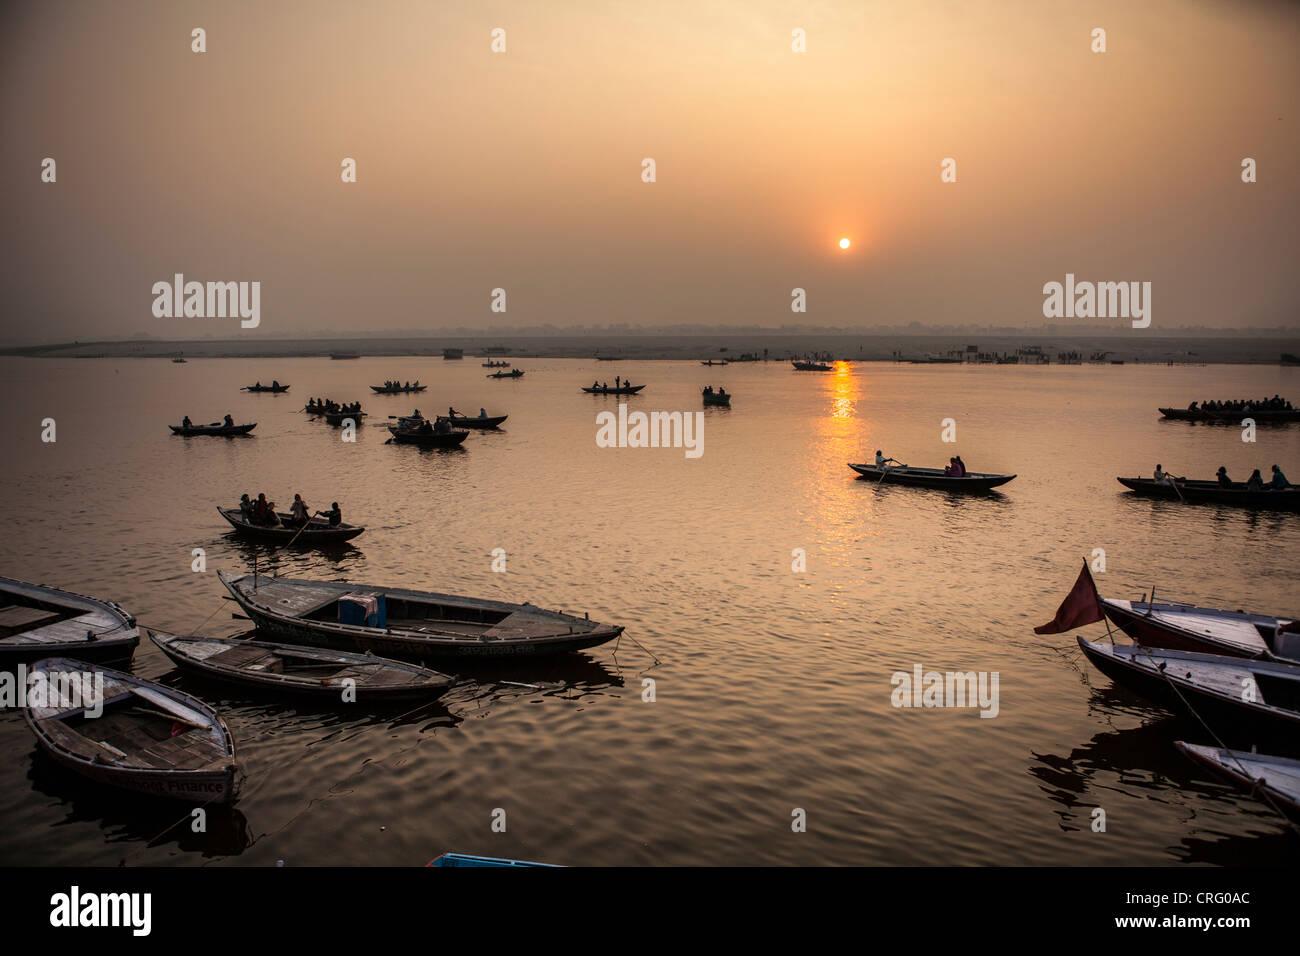 El paisaje de un amanecer en el río Ganga (Ganges), Varanasi, Uttar Pradesh, India Imagen De Stock